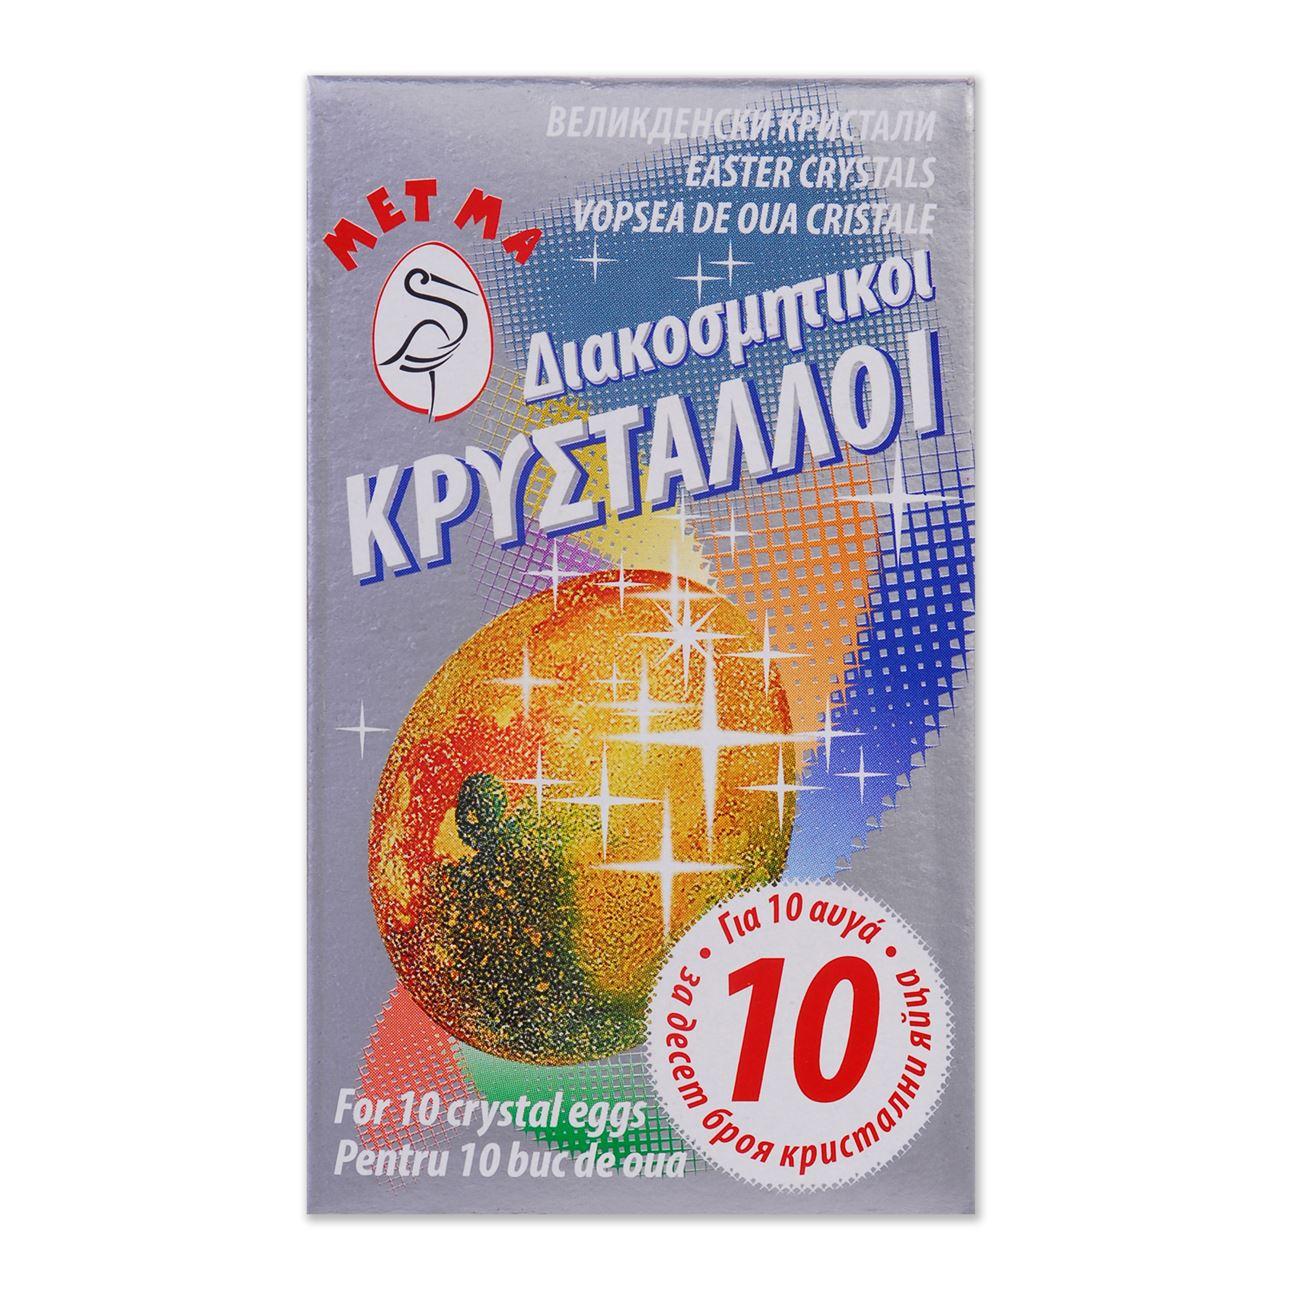 Πασχαλινοί Διακοσμητικοί Κρύσταλλοι για 10 Αυγά   Διακόσμηση ... 51c2a2e981d